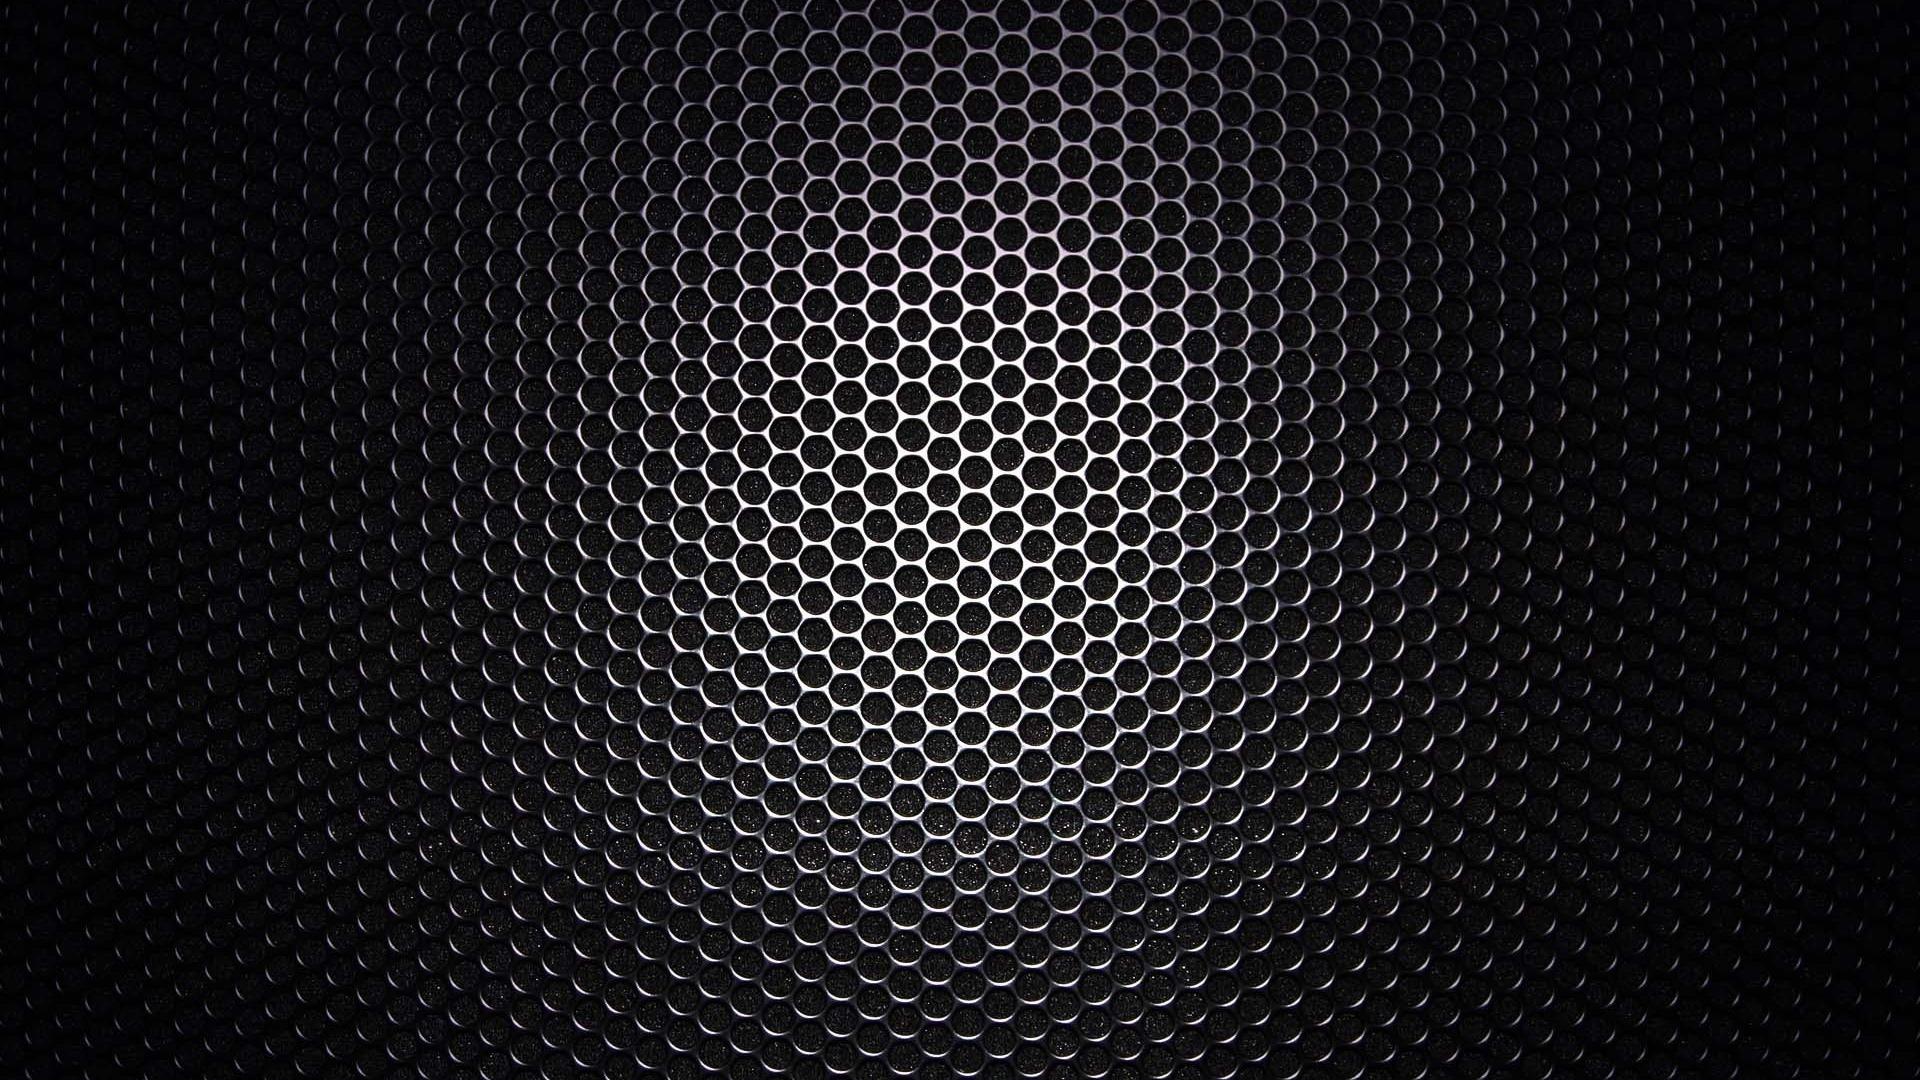 Black Hd Wallpaper 1920X1080 17 Background - Hdblackwallpaper com